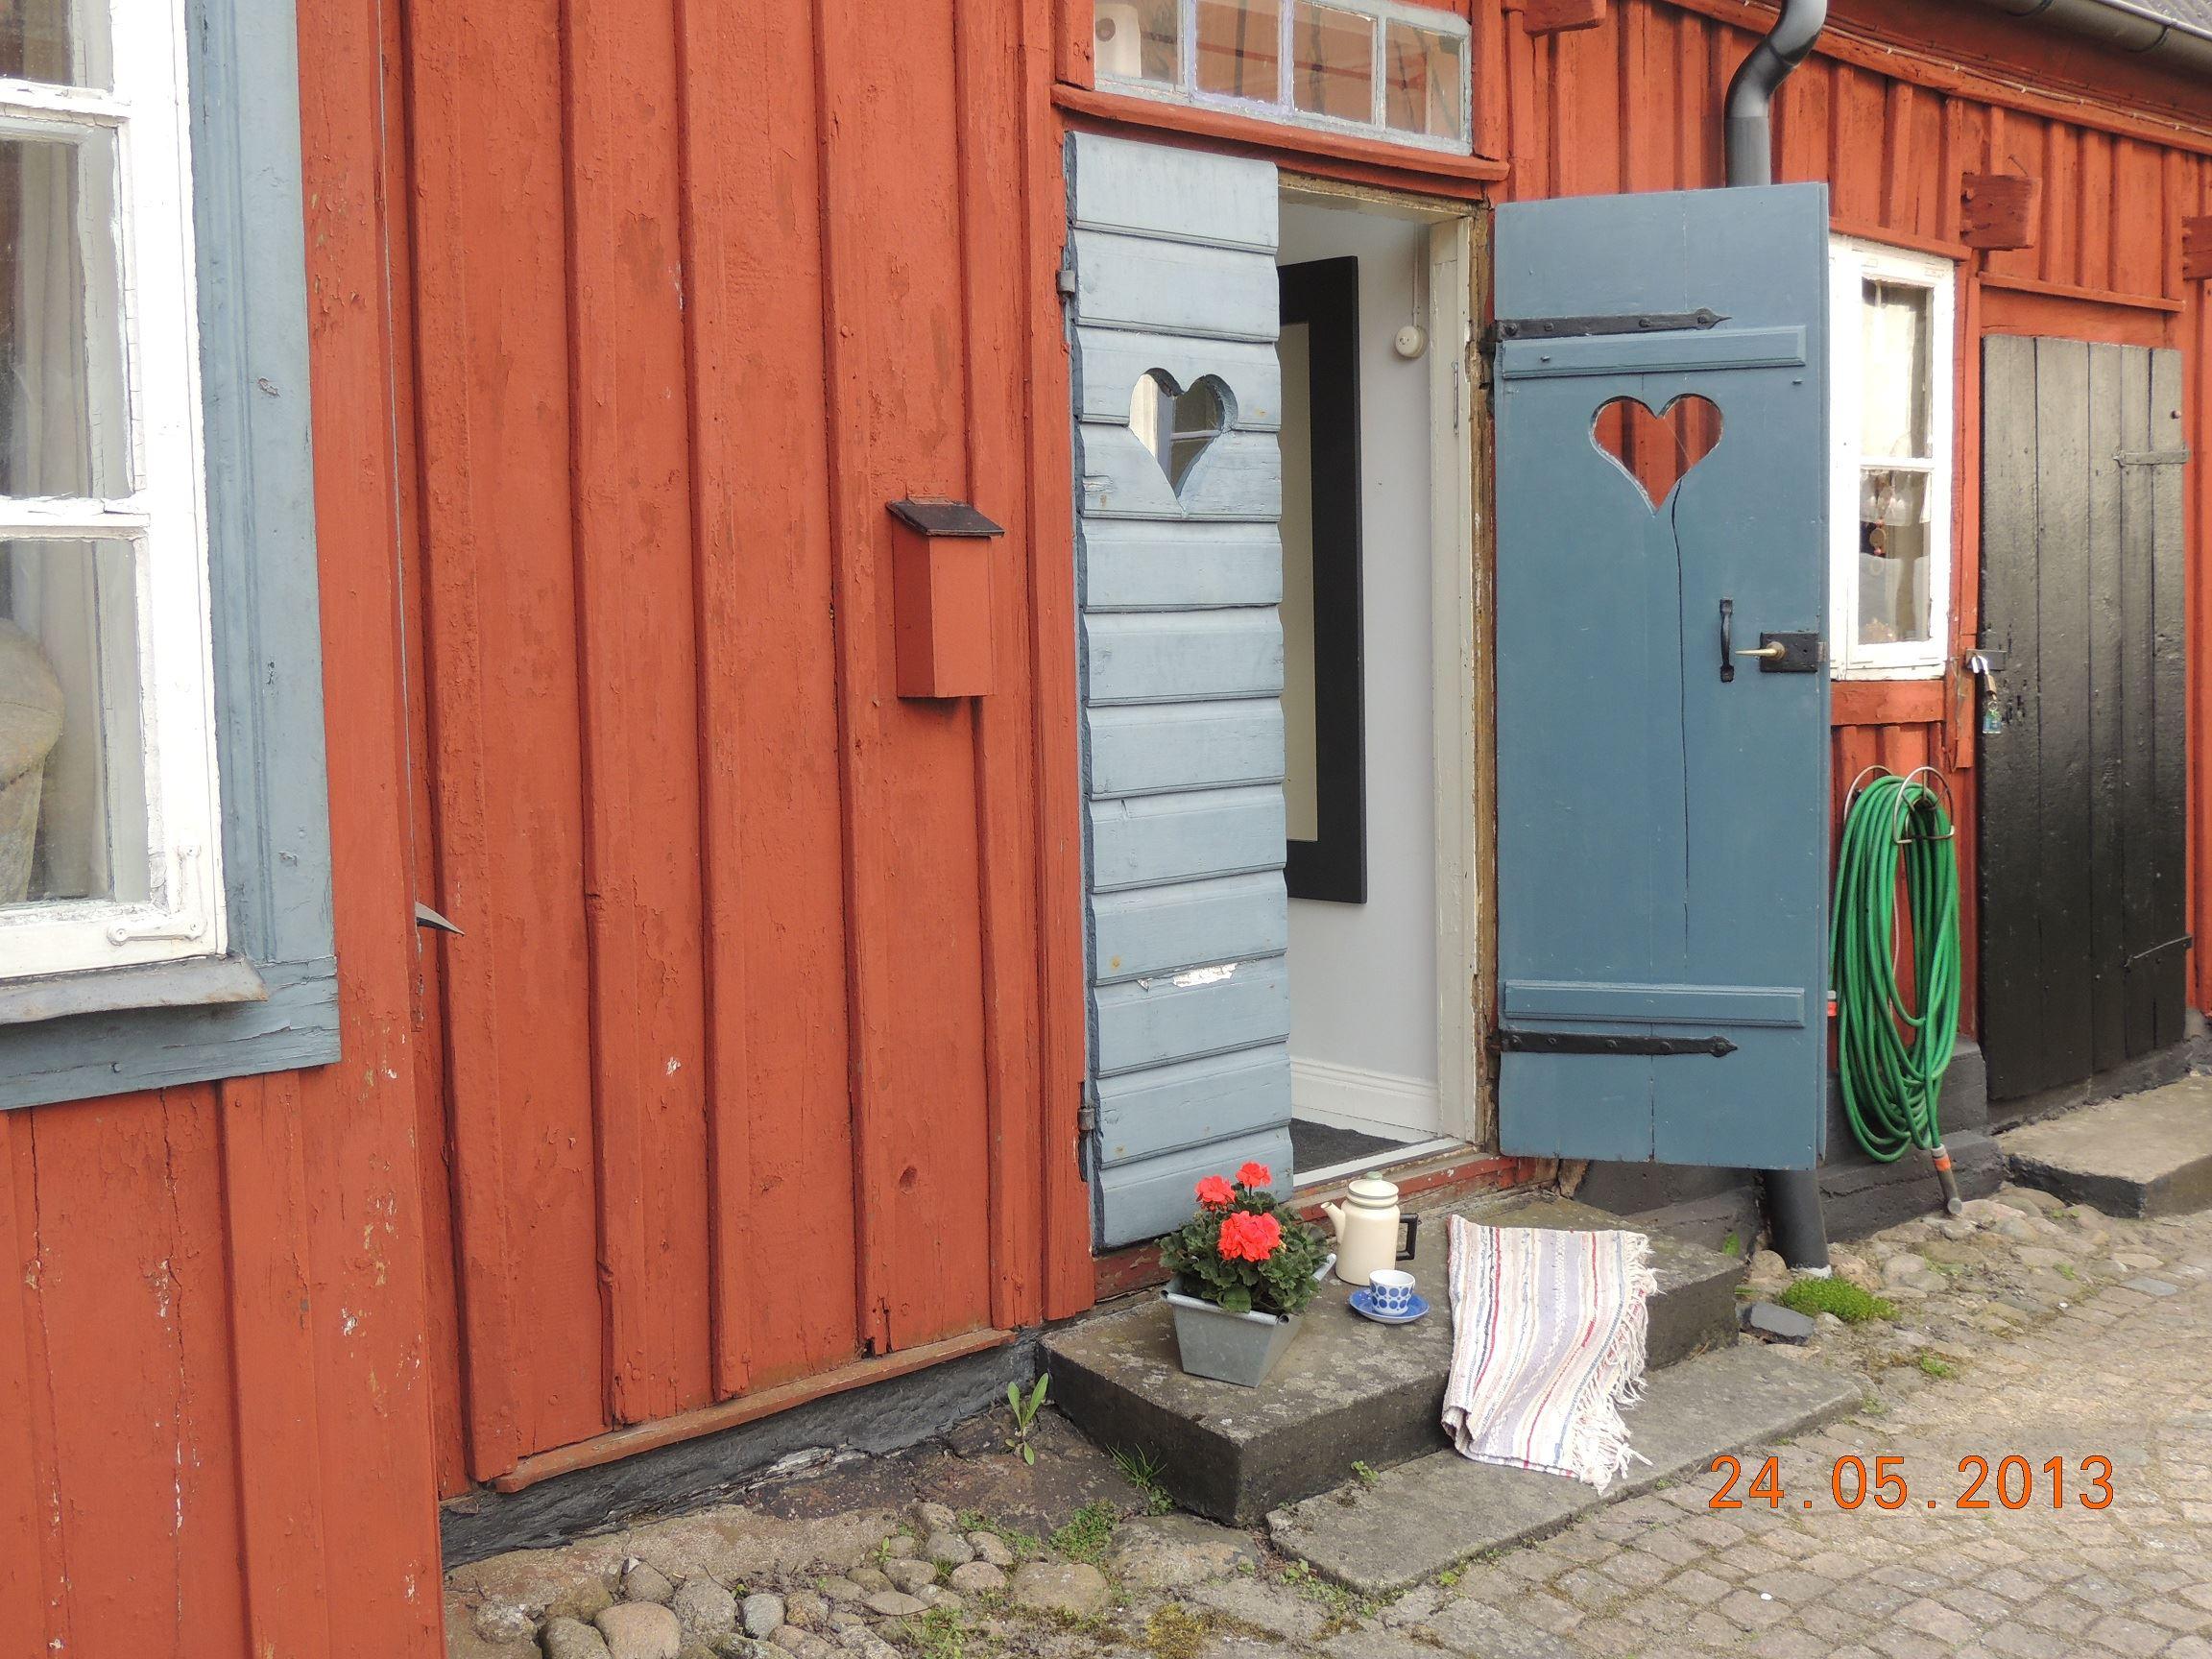 Farmhouse - Åhus (Kerstin Rosenkvist)